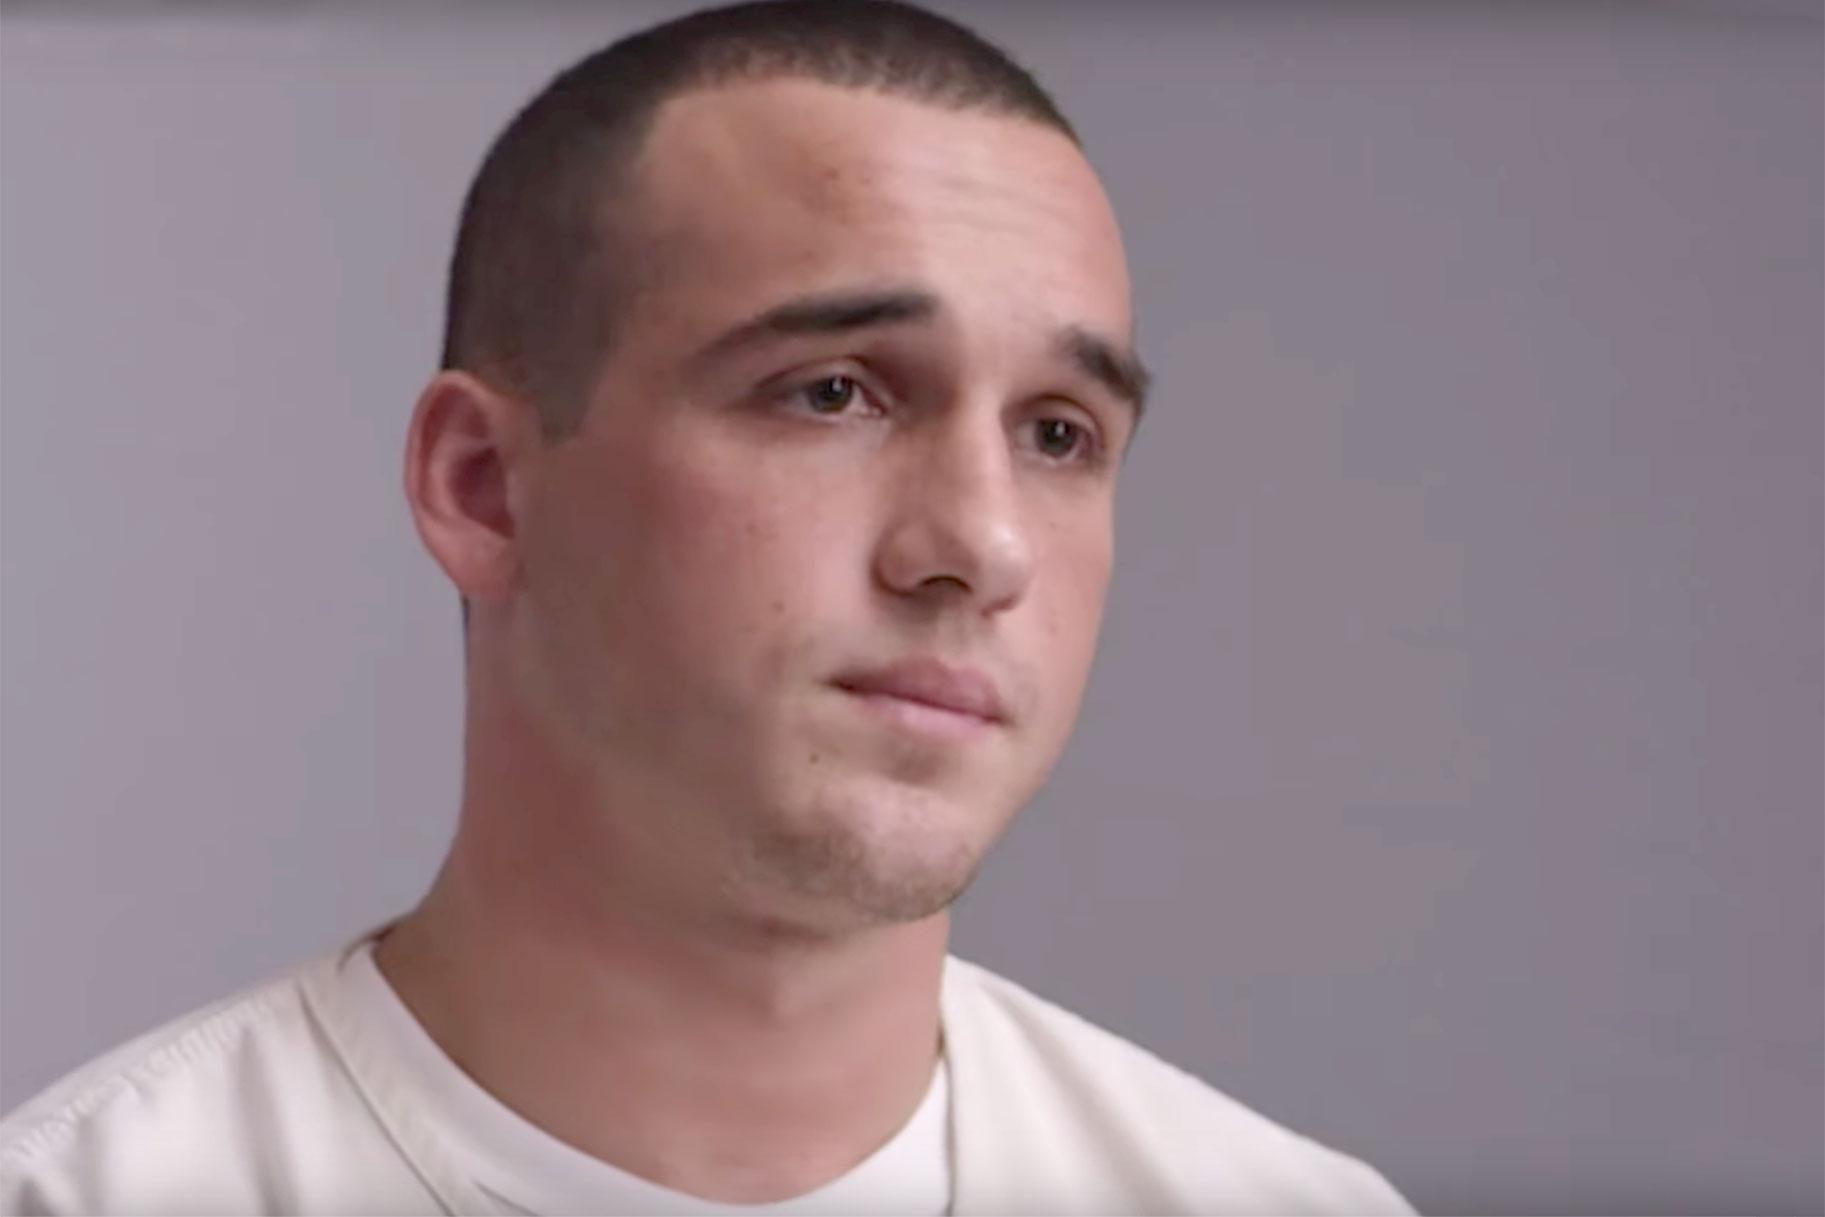 ¿Una estrella del fútbol de secundaria realmente agredió sexualmente a un niño pequeño? El tráiler 'Outcry' arroja luz sobre el controvertido caso de Texas